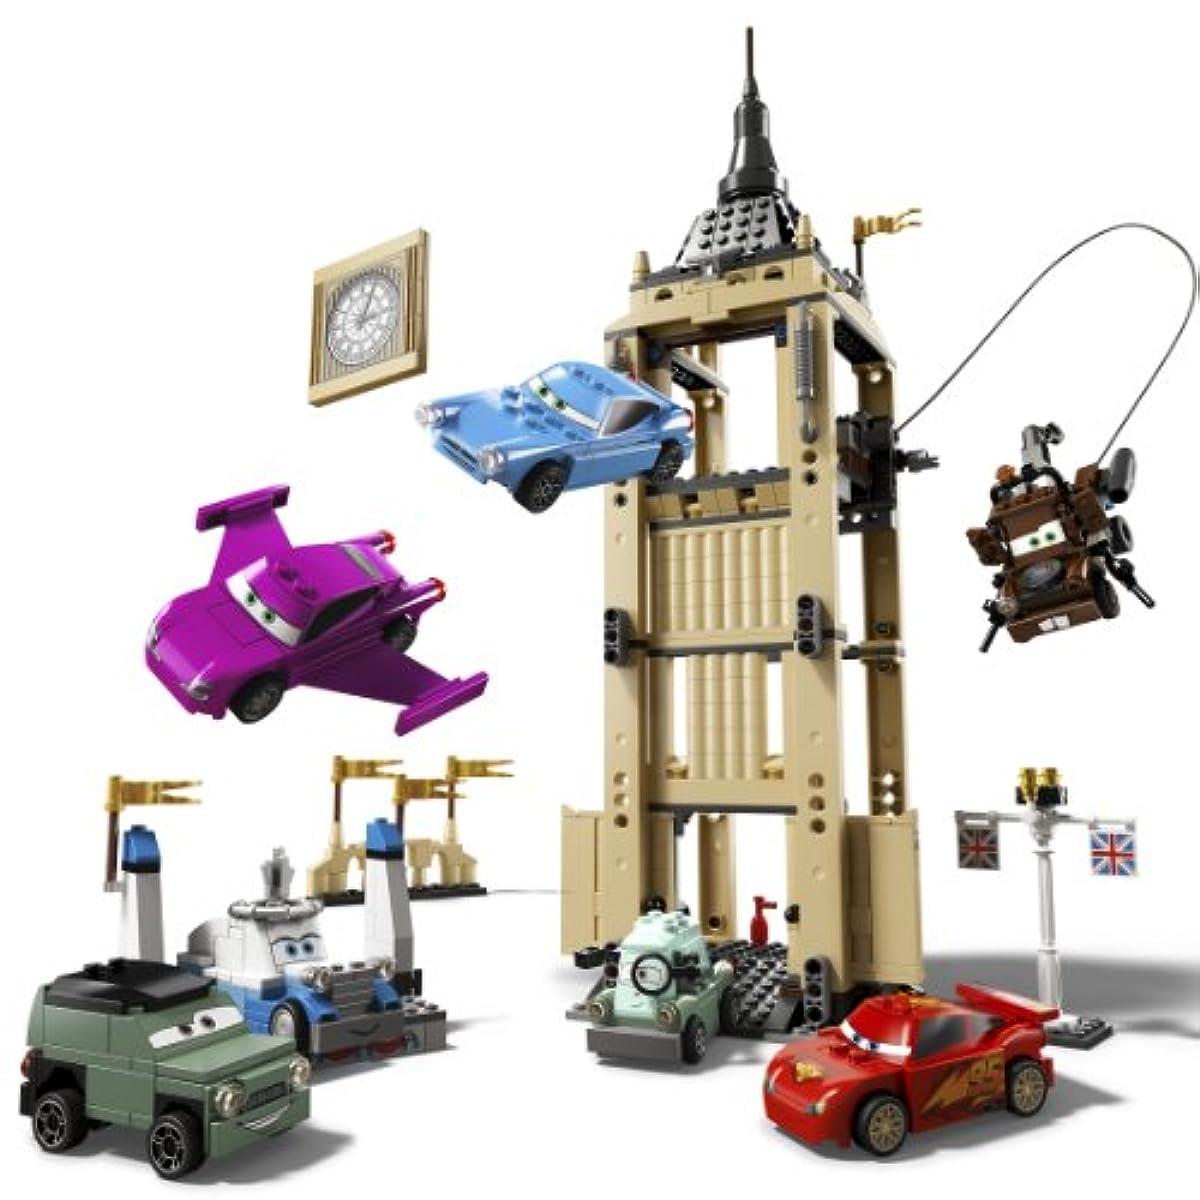 [해외] 레고 (LEGO) Cars/카 빅벤트 레이의 탈출 8639-294880 (2011-06-30)